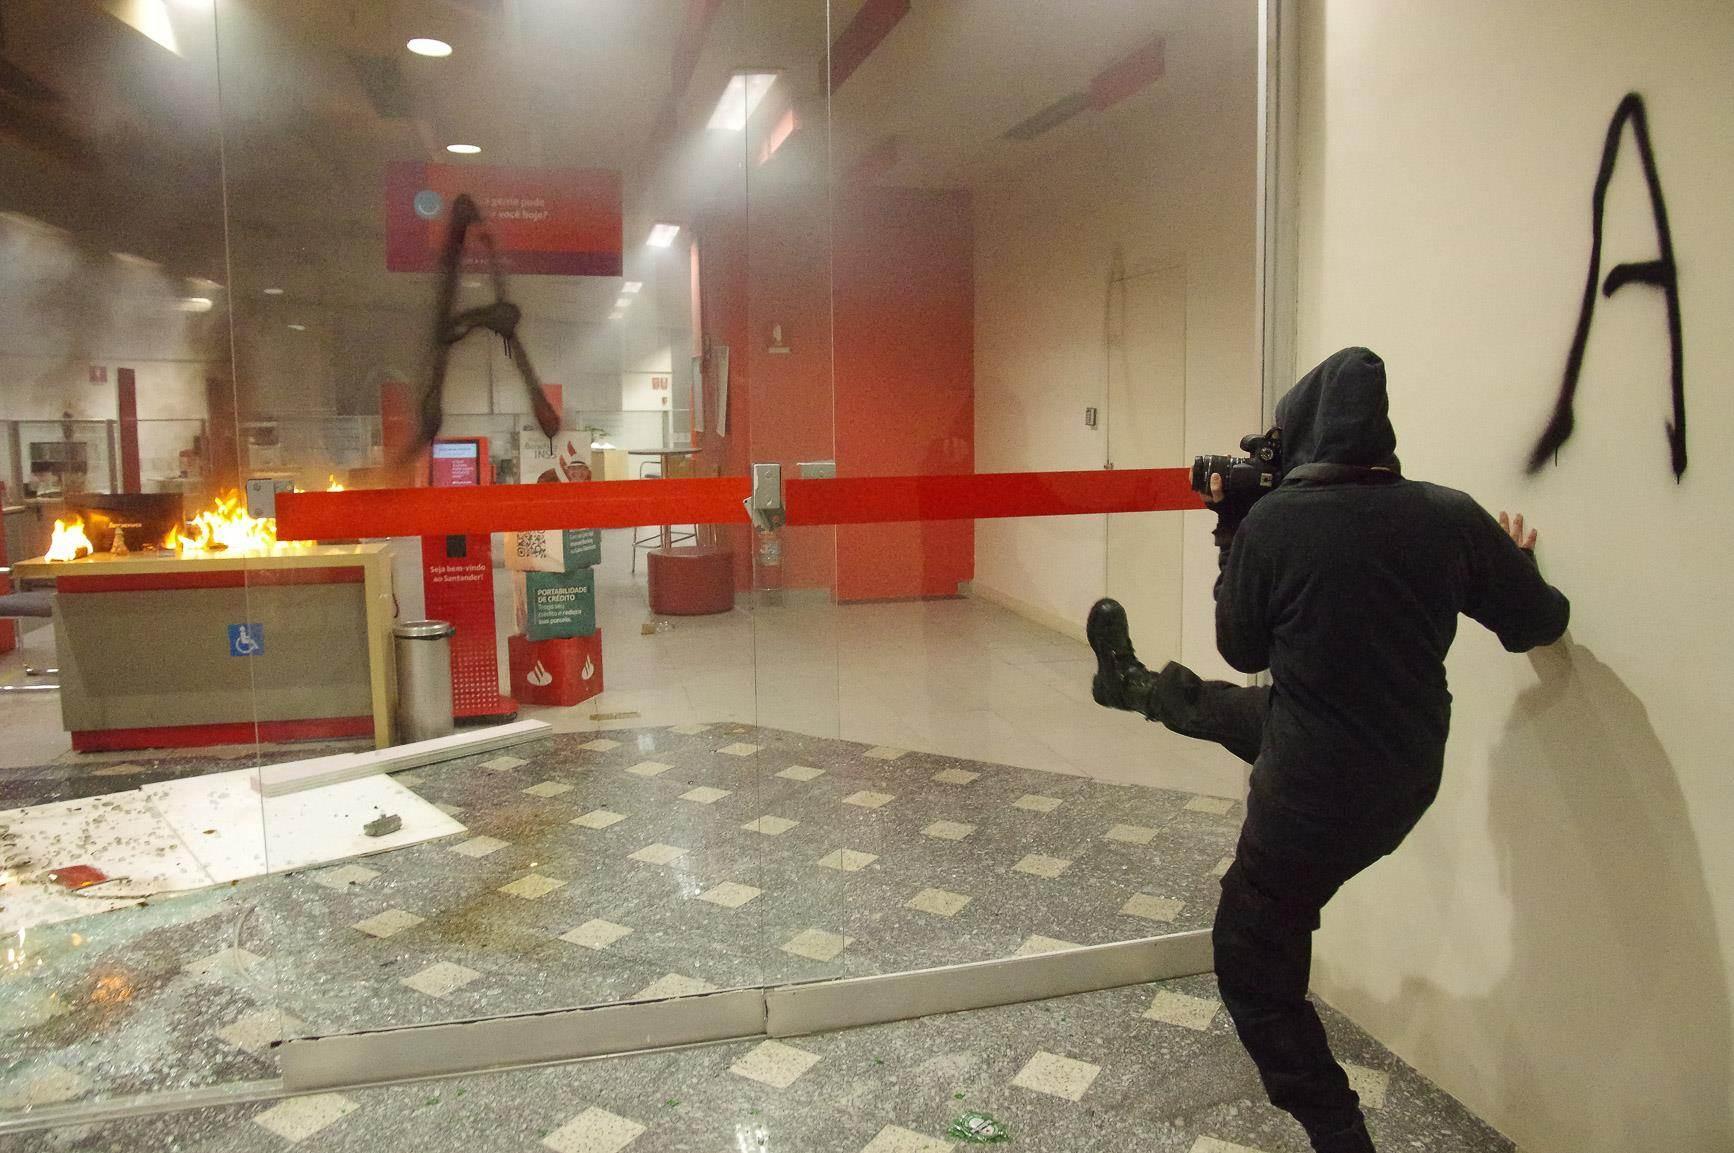 Blackblocks depredam agência bancária na rua da Consolação após protesto contra